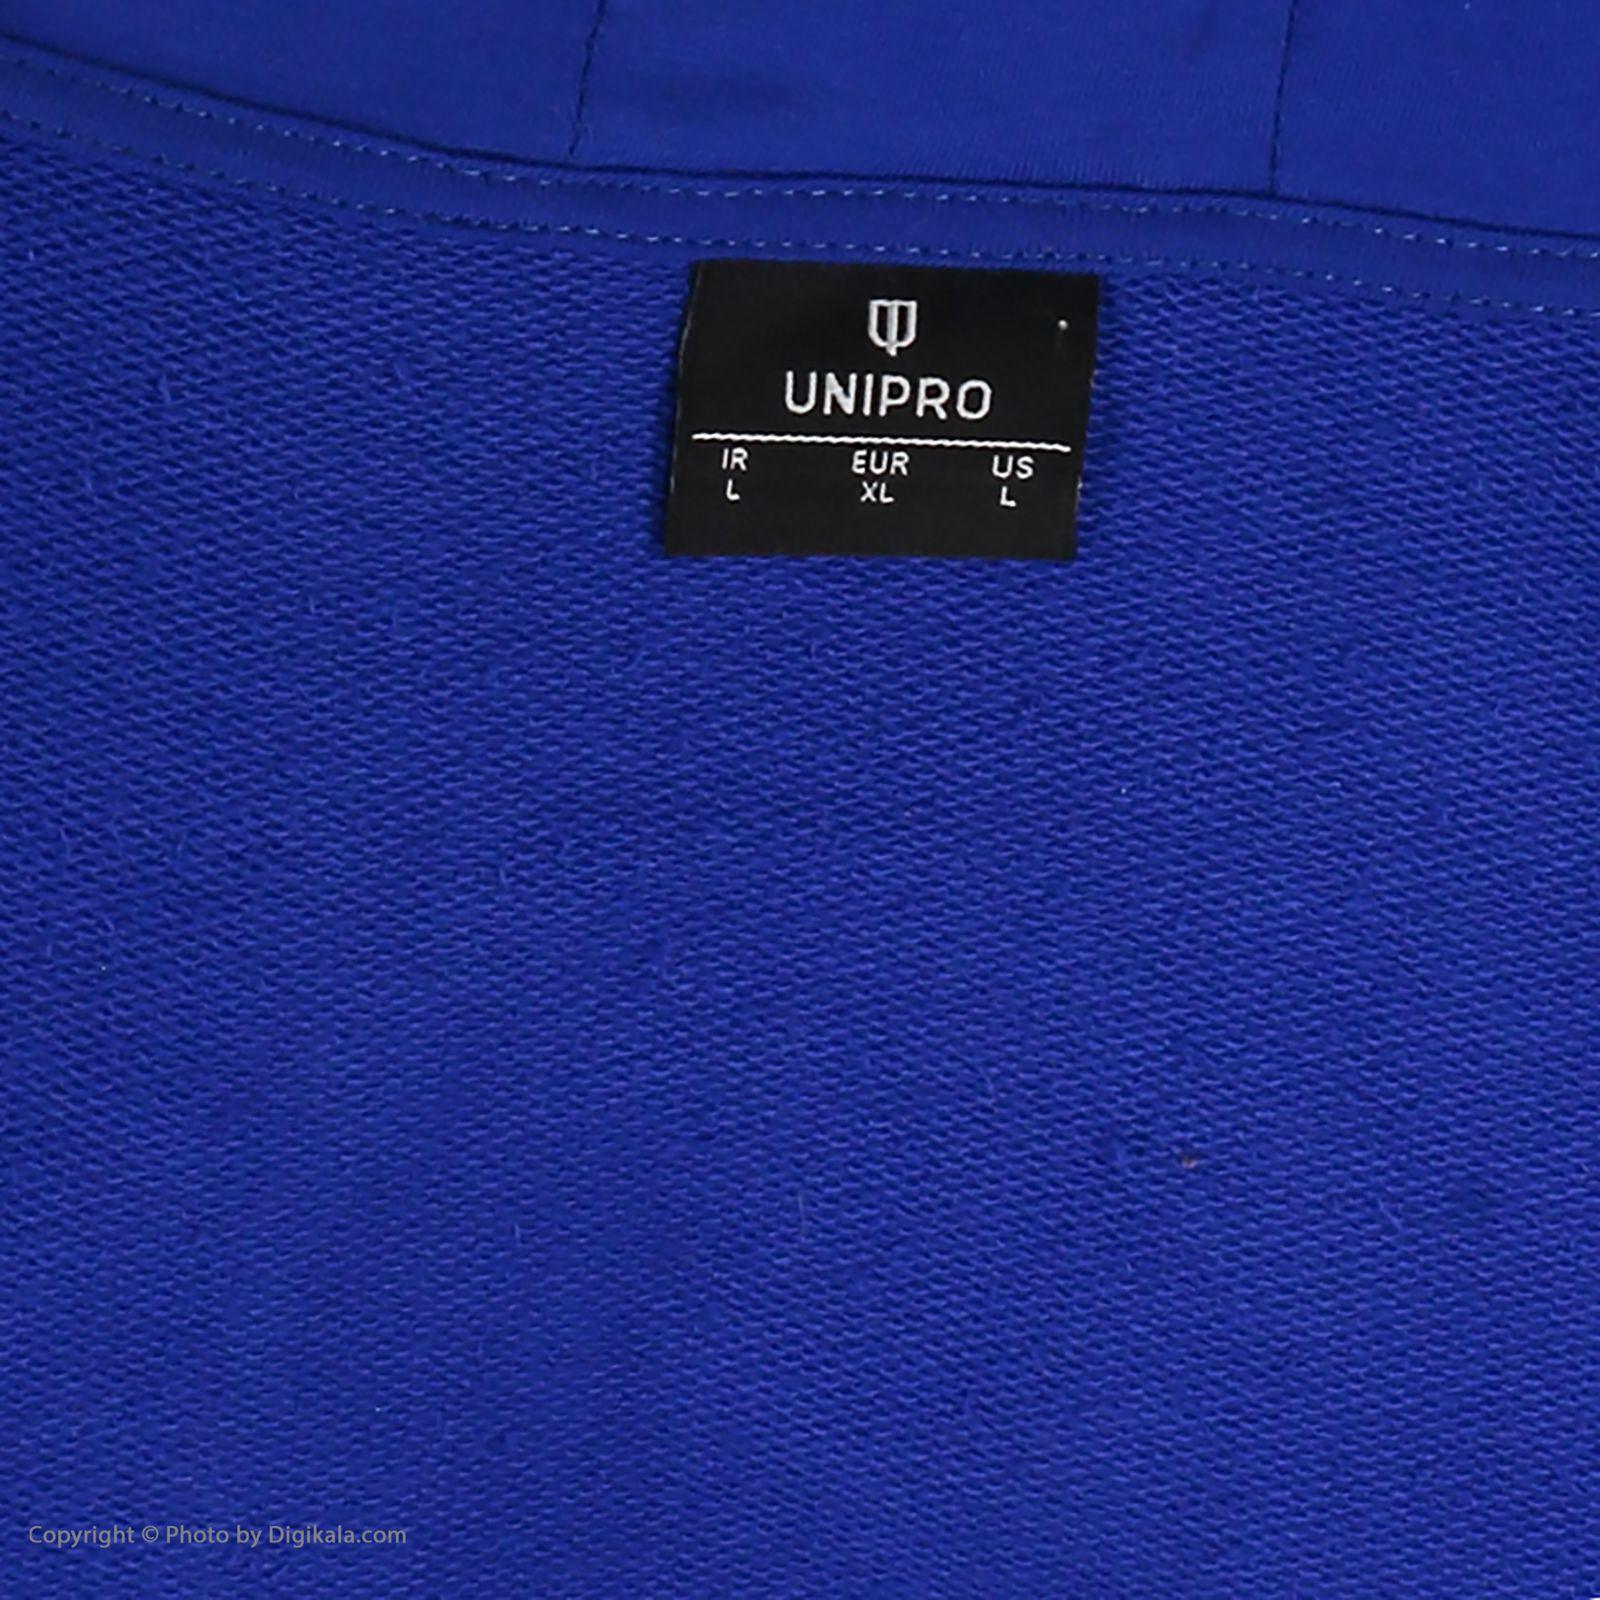 هودی ورزشی مردانه یونی پرو مدل 914159306-10 -  - 6